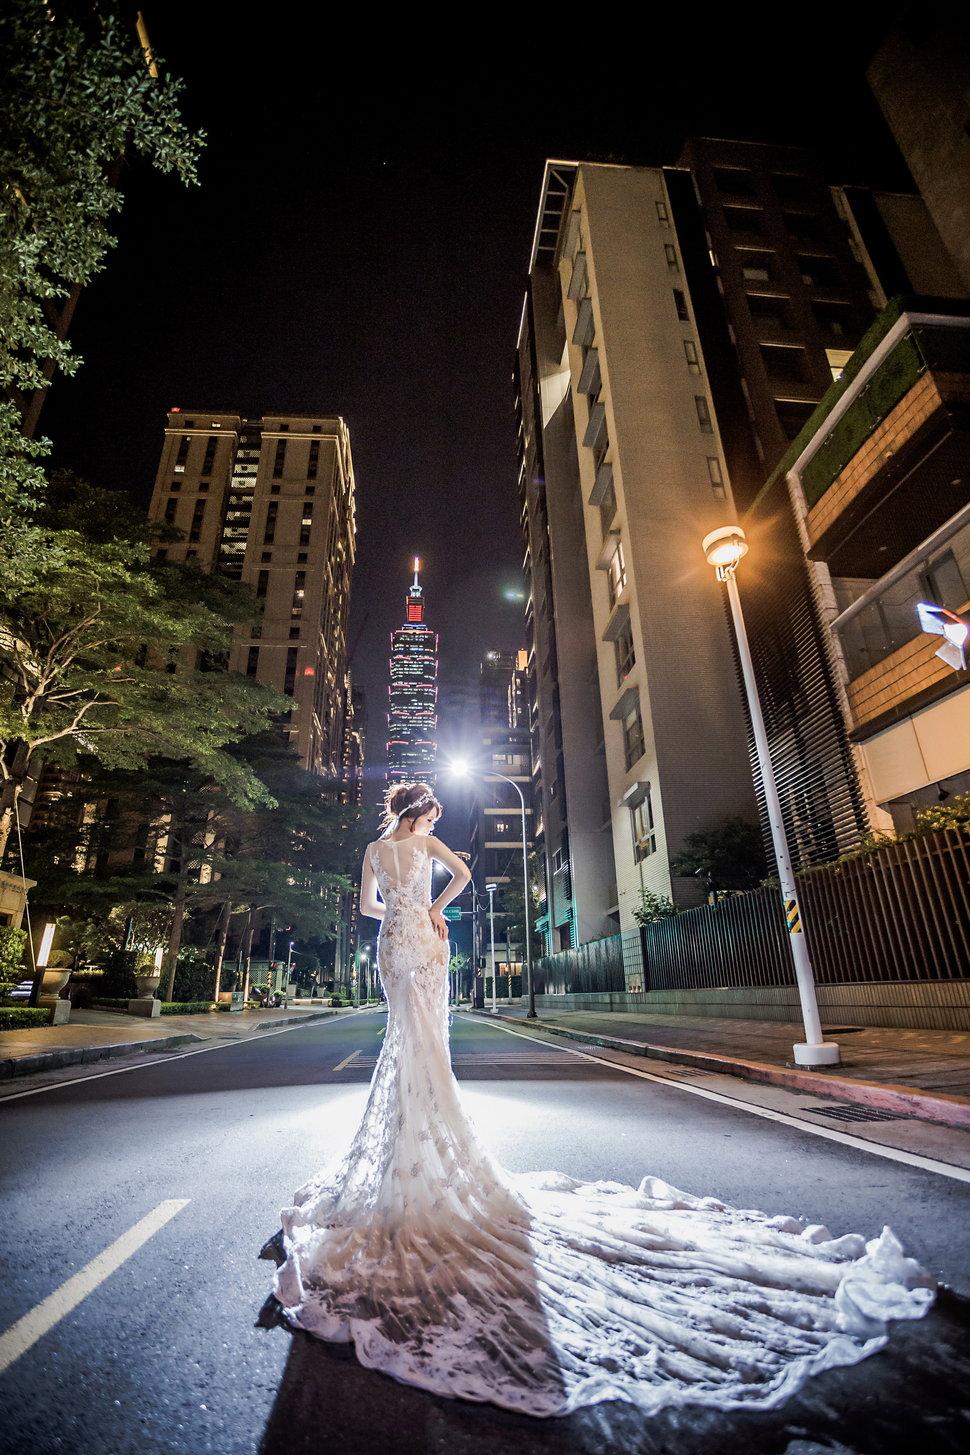 熟悉的角落 是最美麗的風景  希臘婚禮  新人分享 智&芸(編號:423764) - 希臘婚禮  婚紗  攝影 - 結婚吧一站式婚禮服務平台